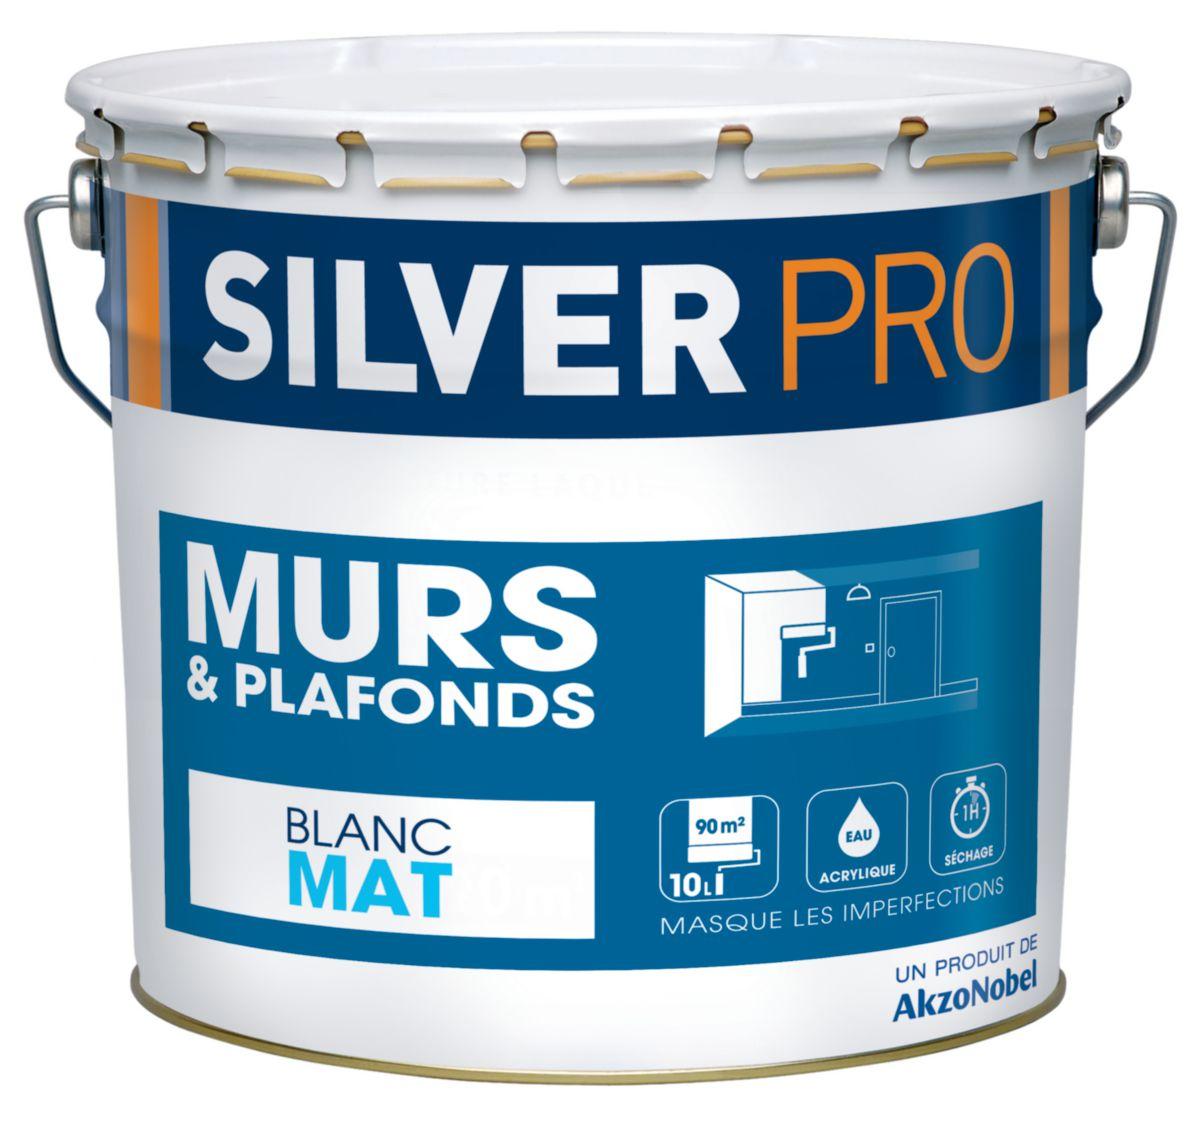 Peinture acrylique mat cheap peinture acrylique mat for Peinture mur blanc mat ou satin